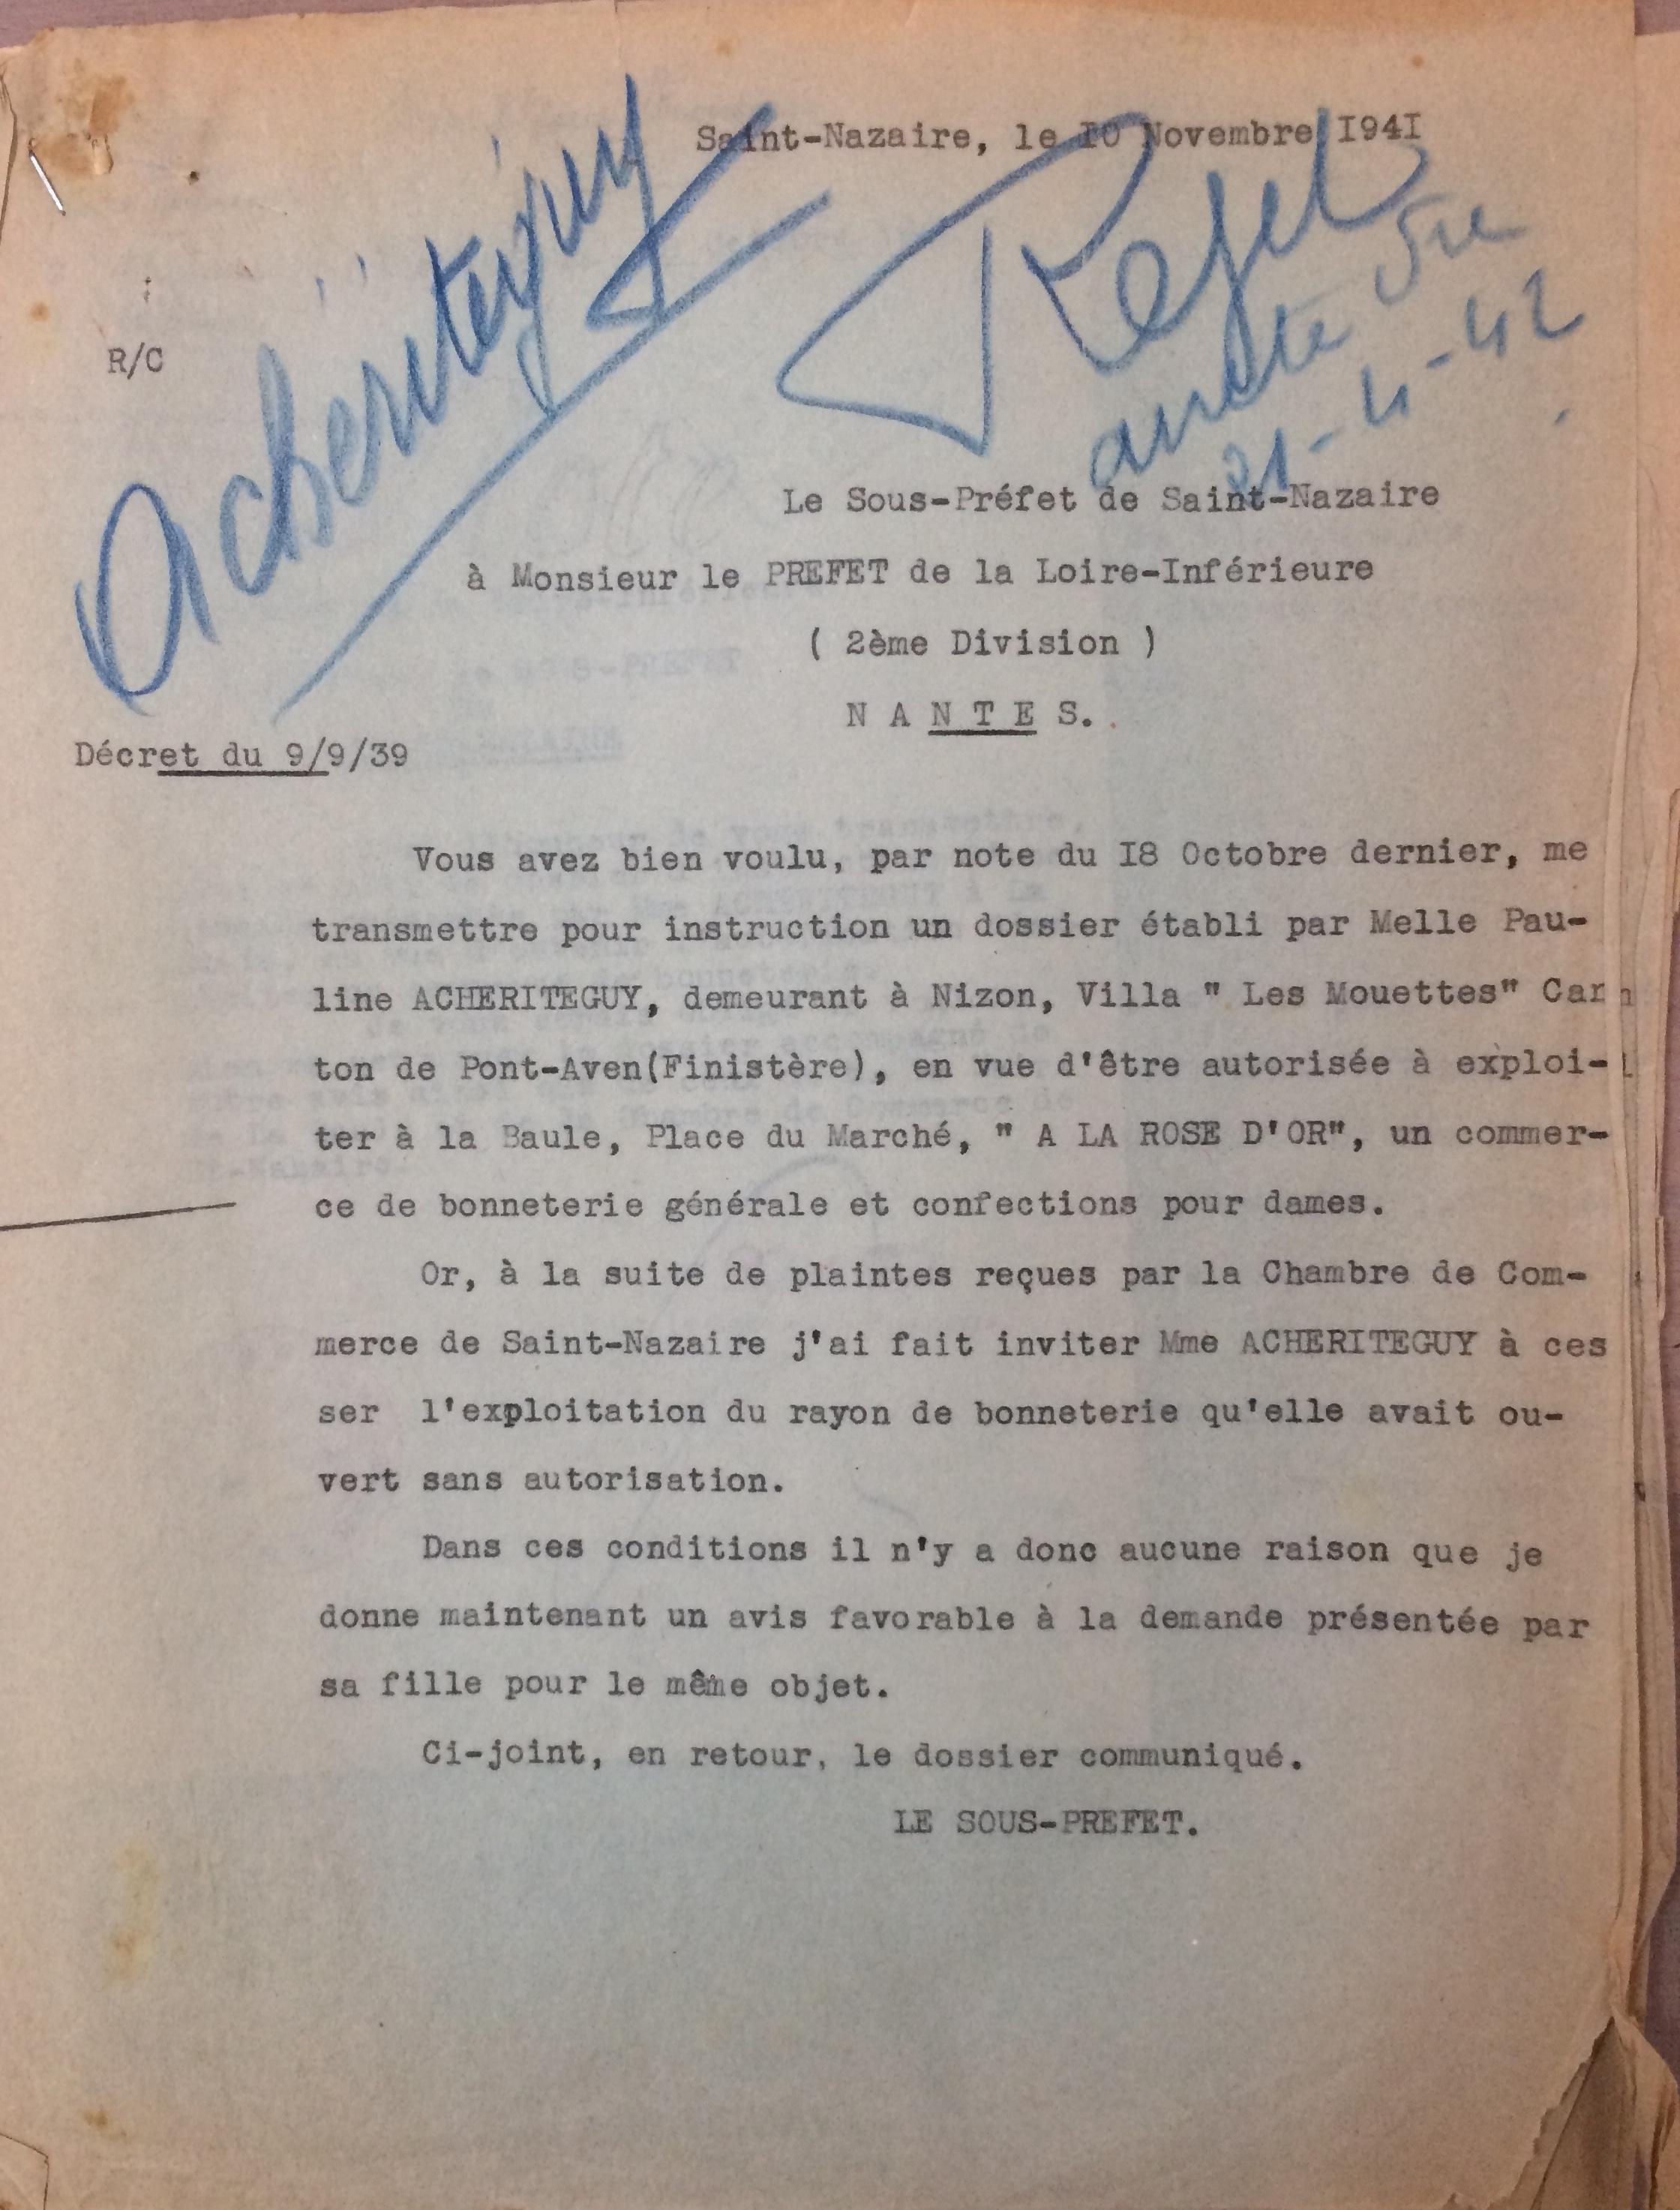 Archives Départementales de Loire-Atlantique [ADLA 1803W98]